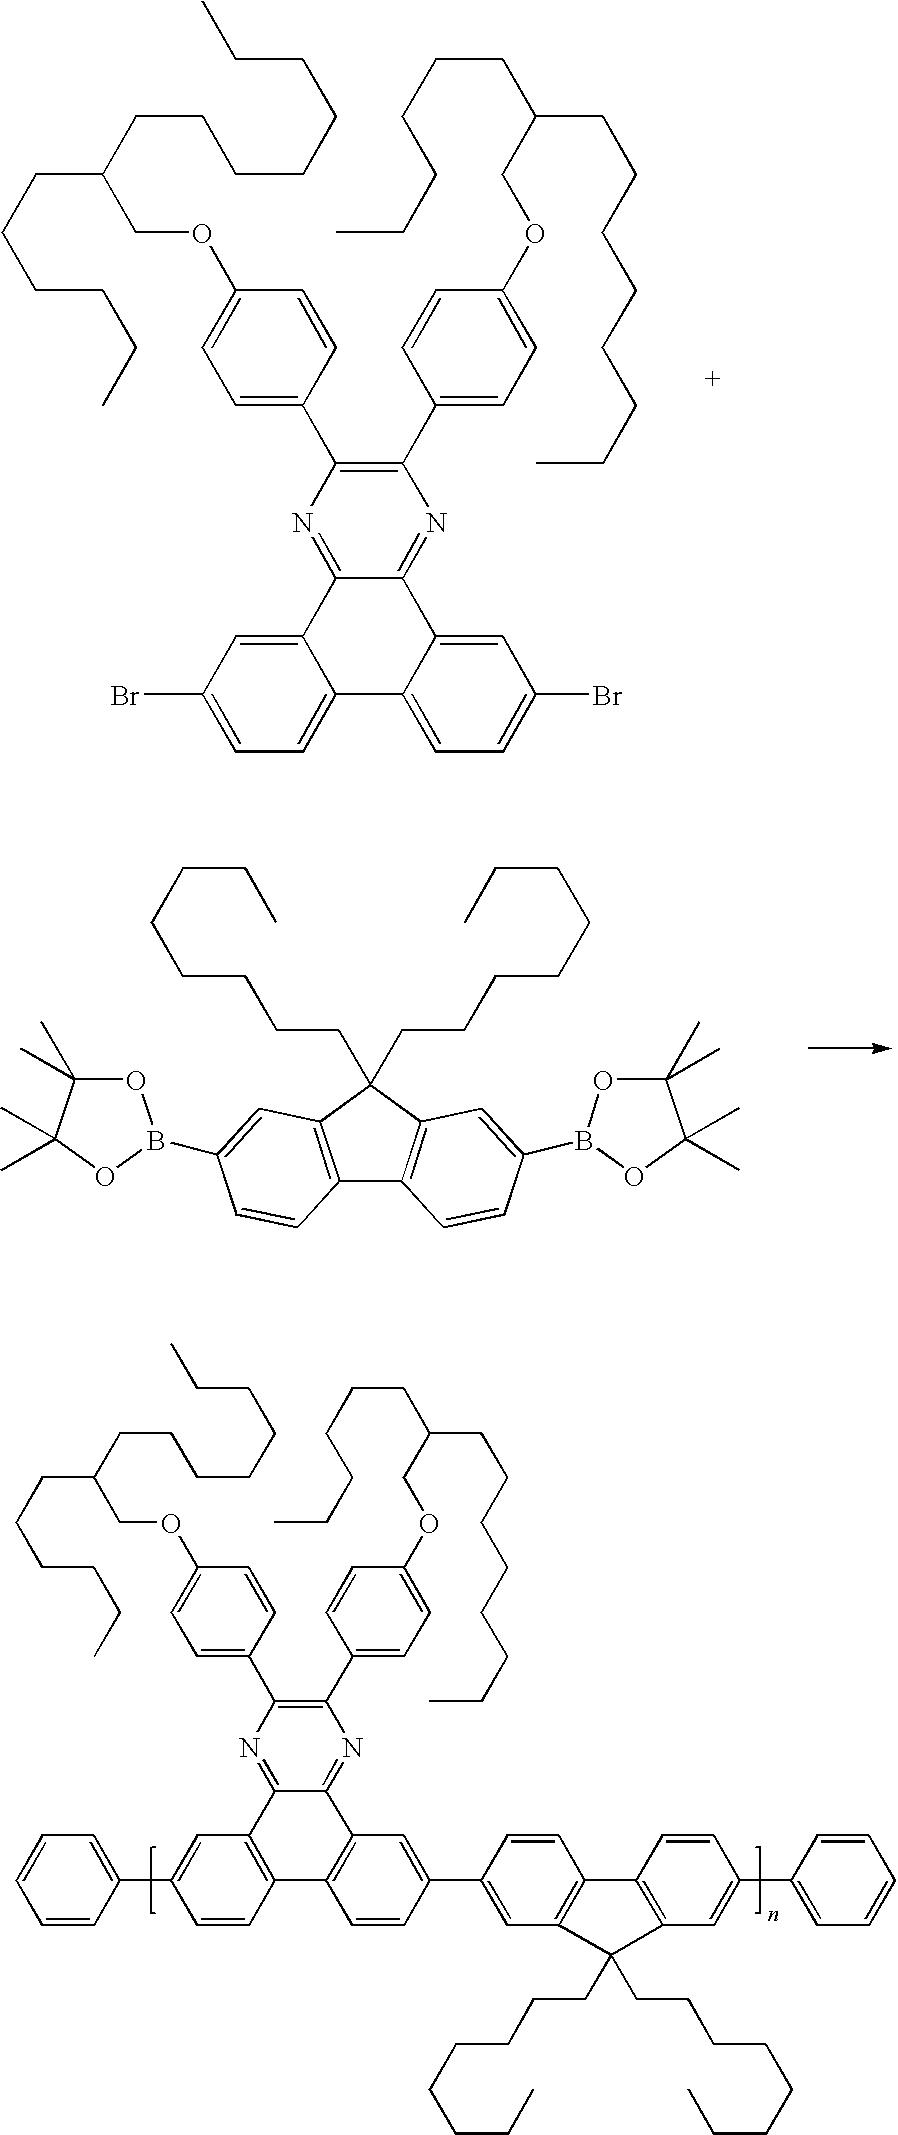 Figure US20090105447A1-20090423-C00226